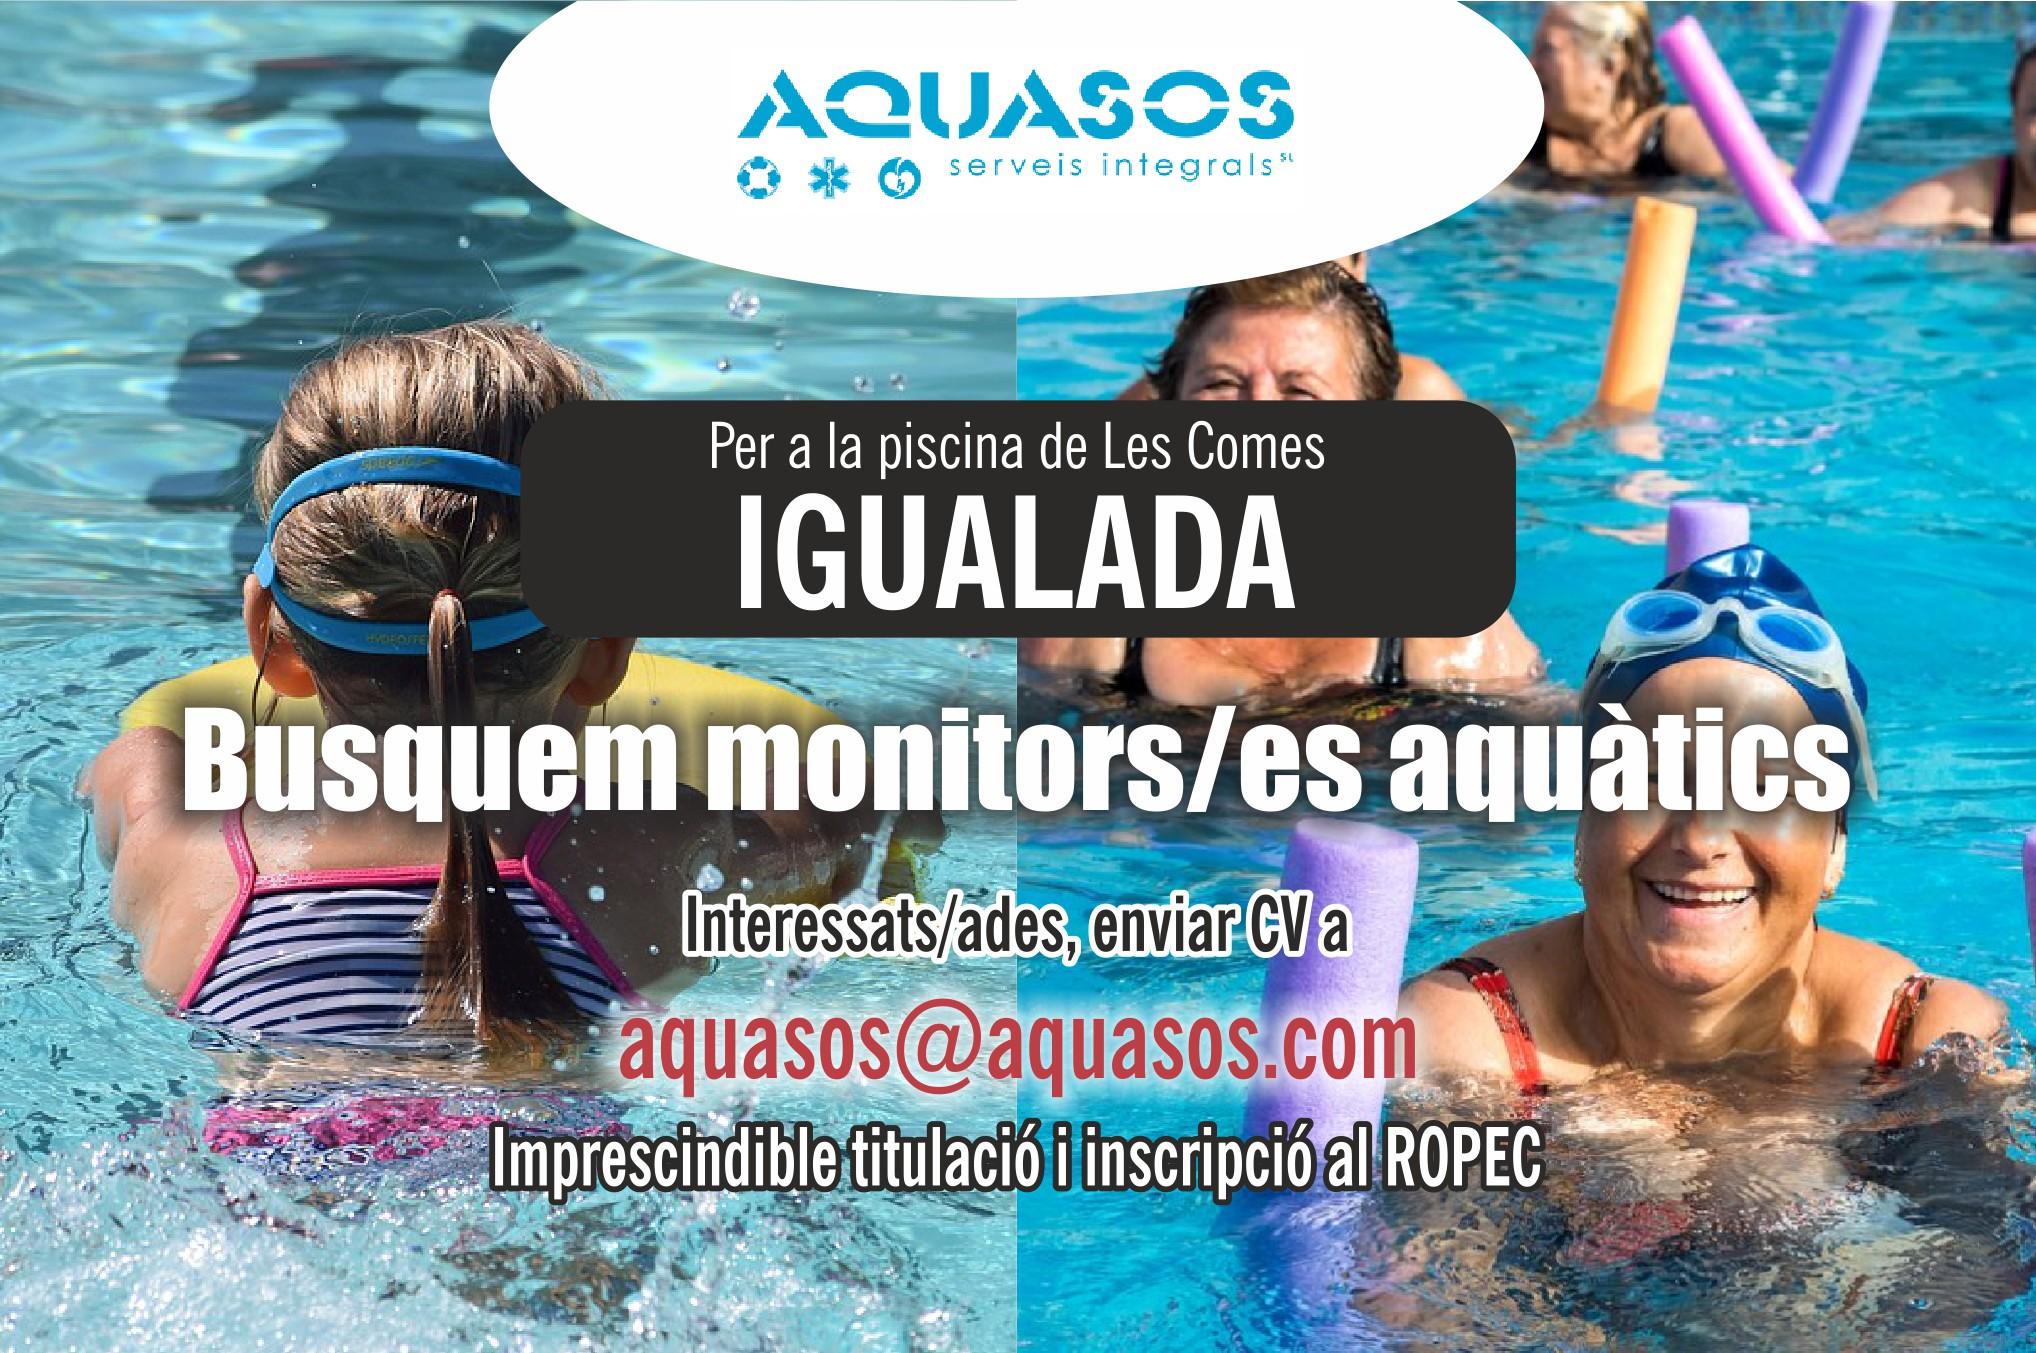 Busquem monitors/es aquàtics per a la piscina de Les Comes d'Igualada